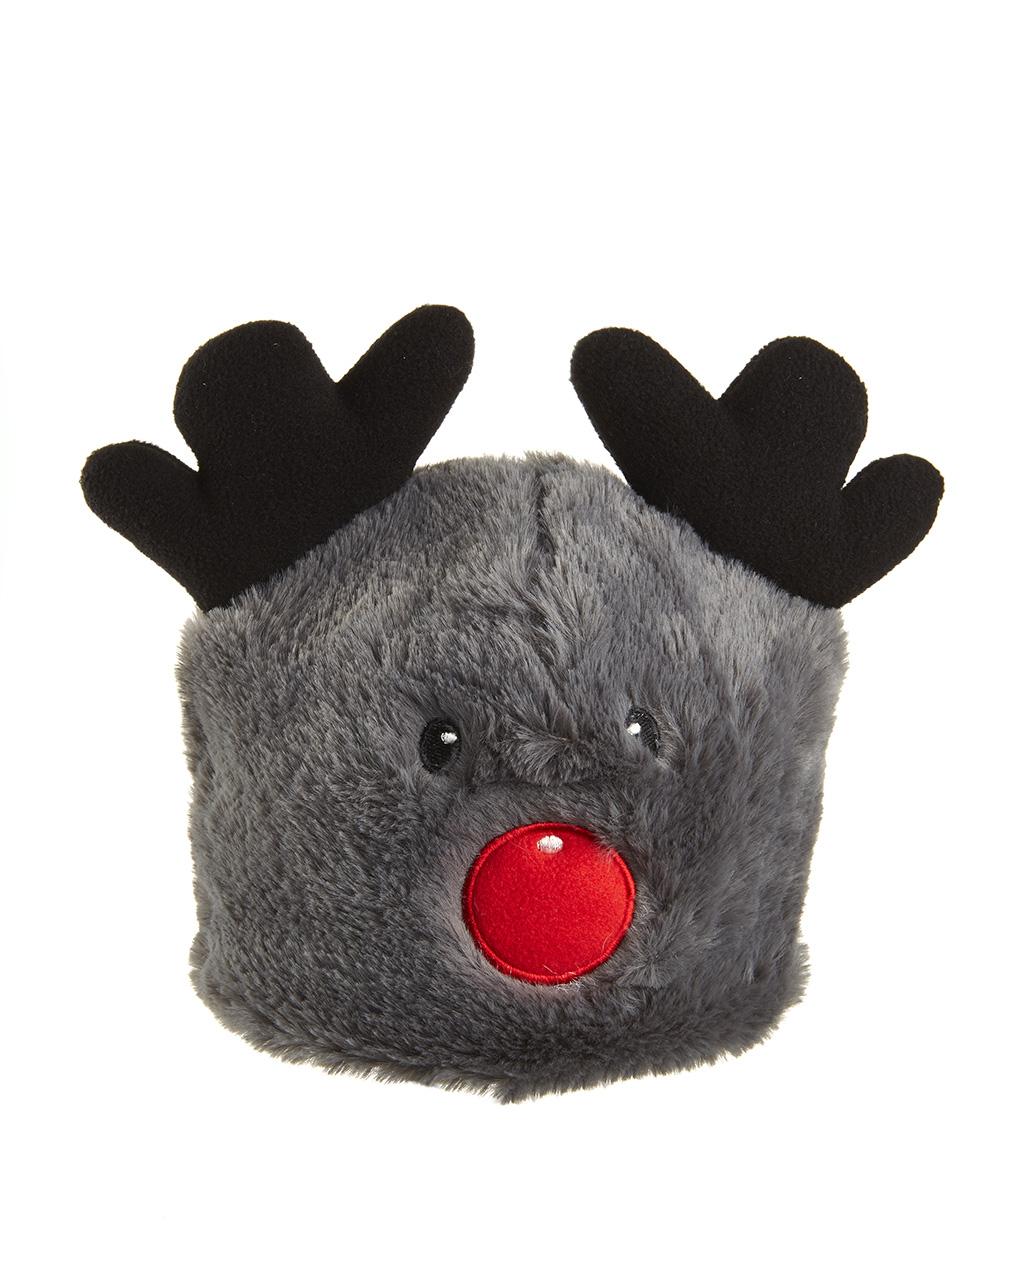 Cappello in finto pelo e corna da renna - Prénatal